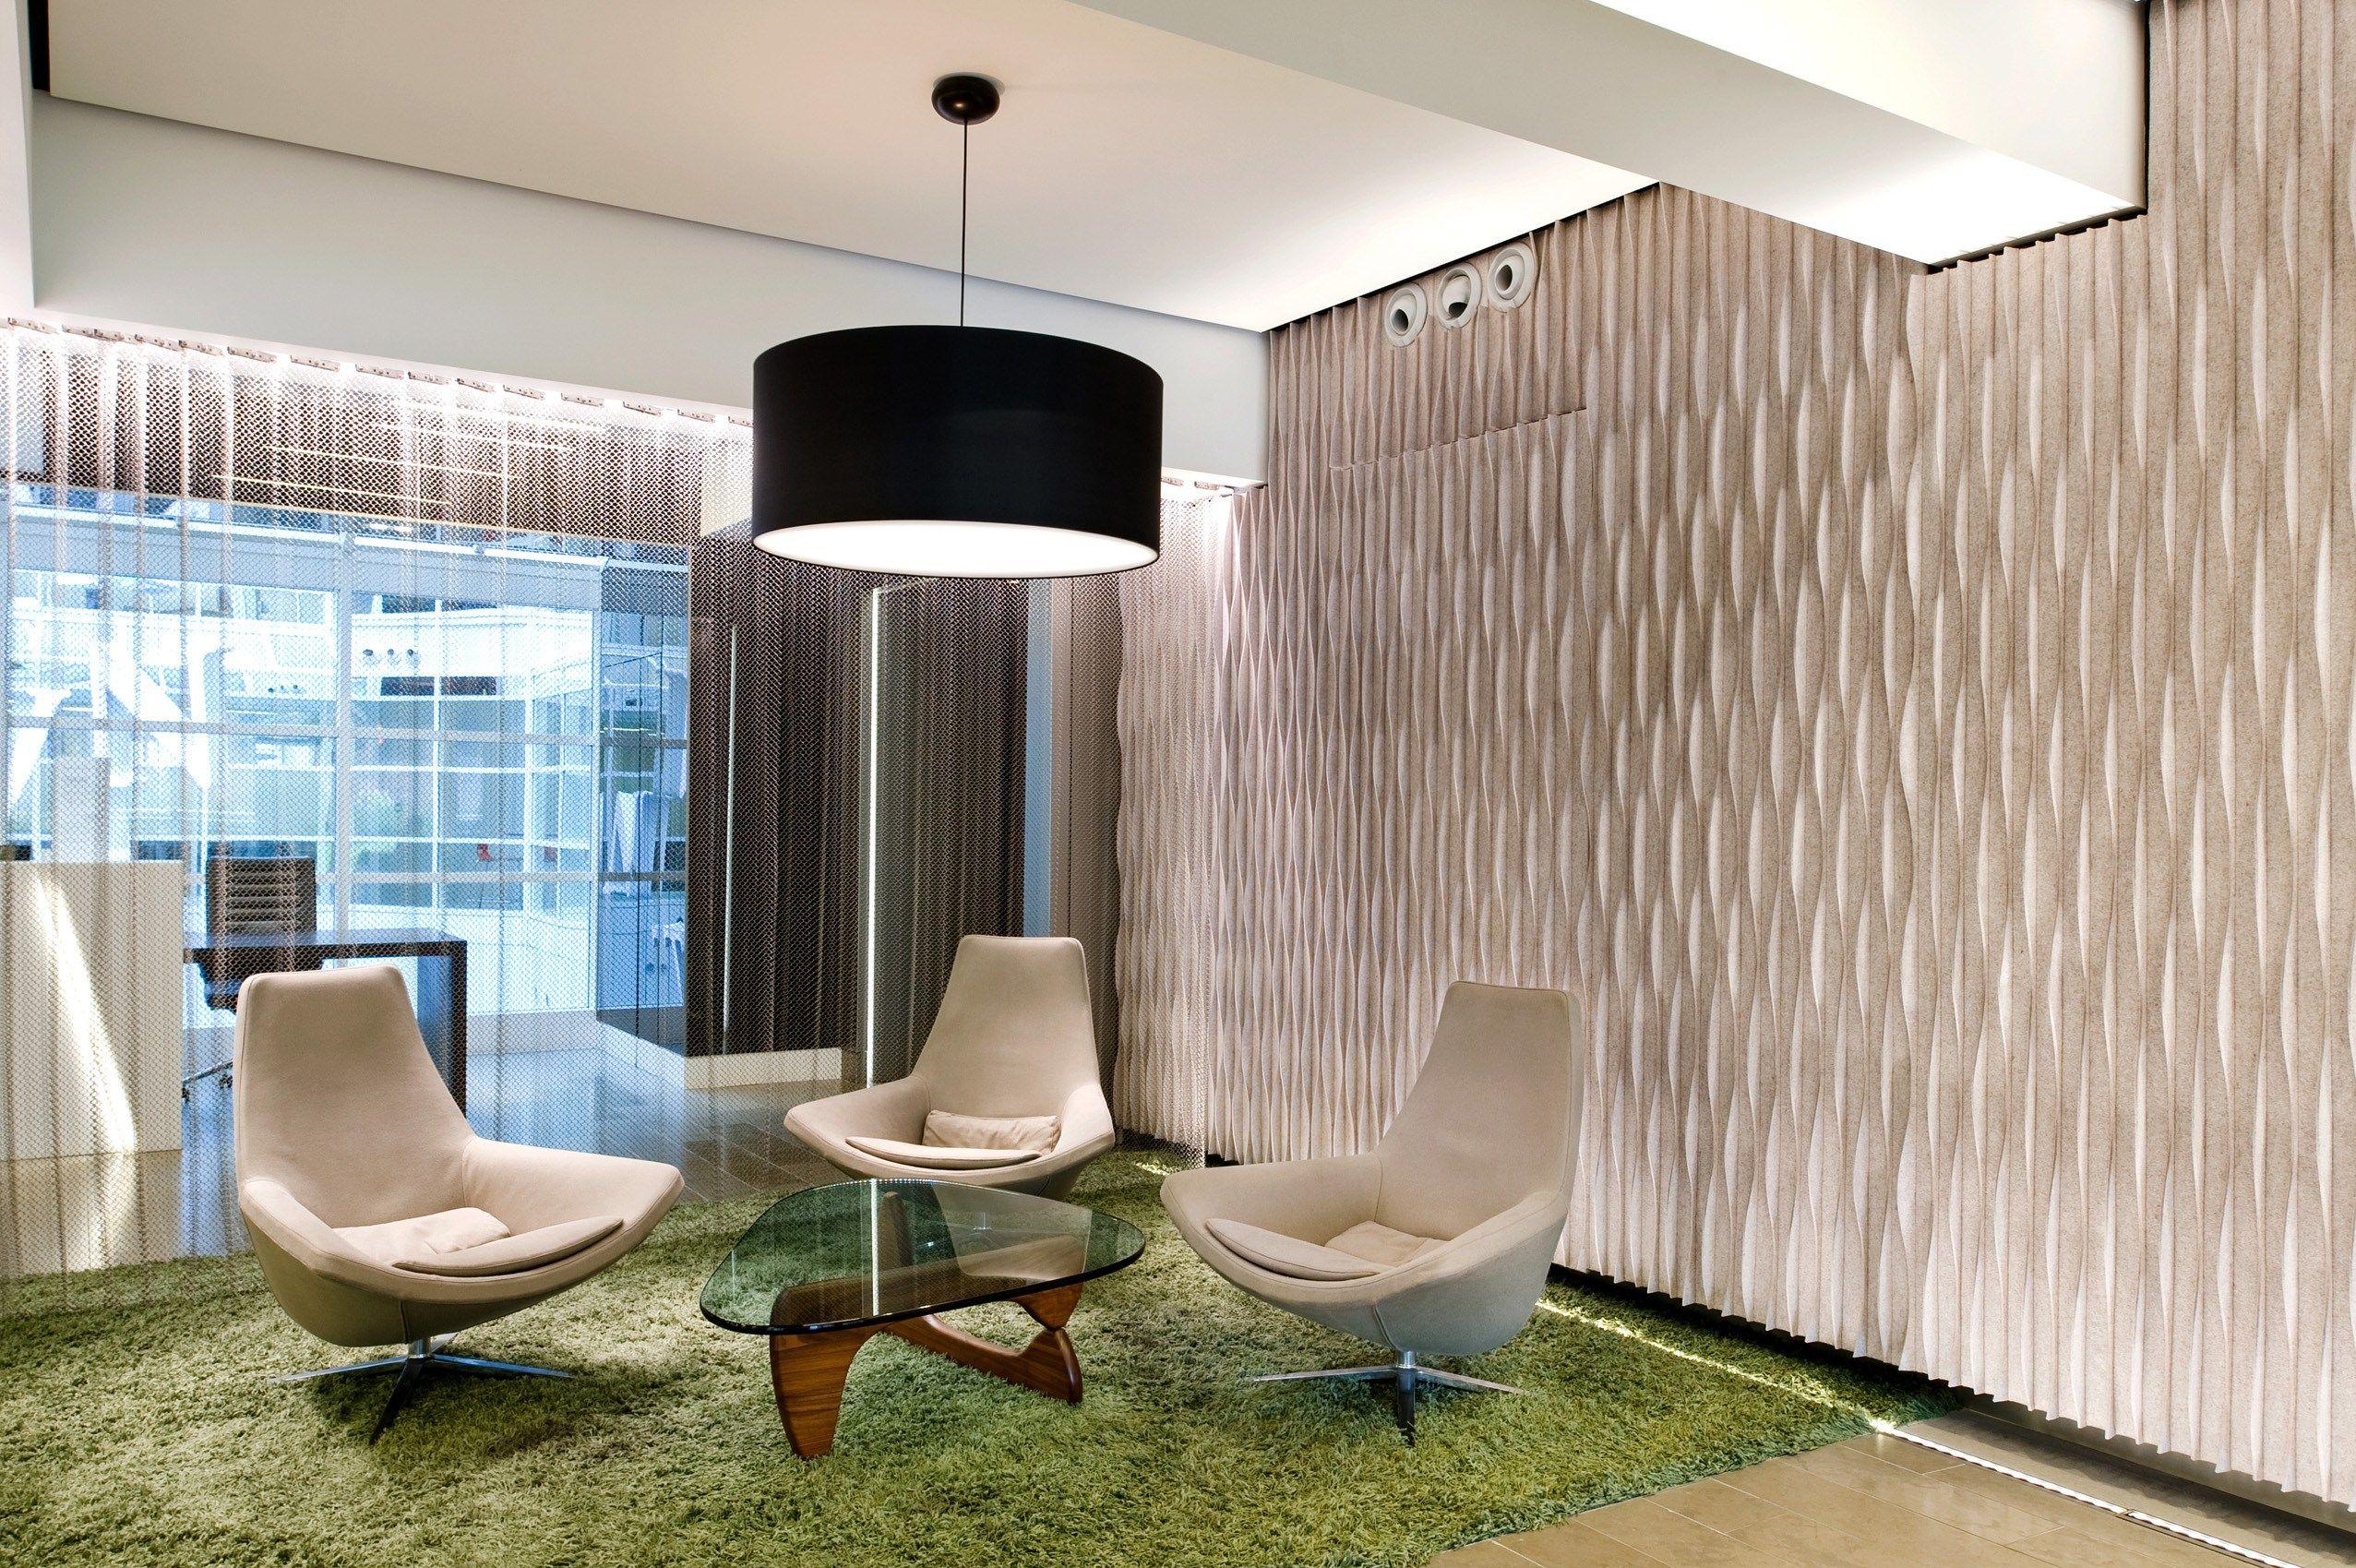 Decorative Acoustic Tiles Best Laine Wool Felt Decorative Acoustical Panelsanne Kyyrö Quinn Design Ideas